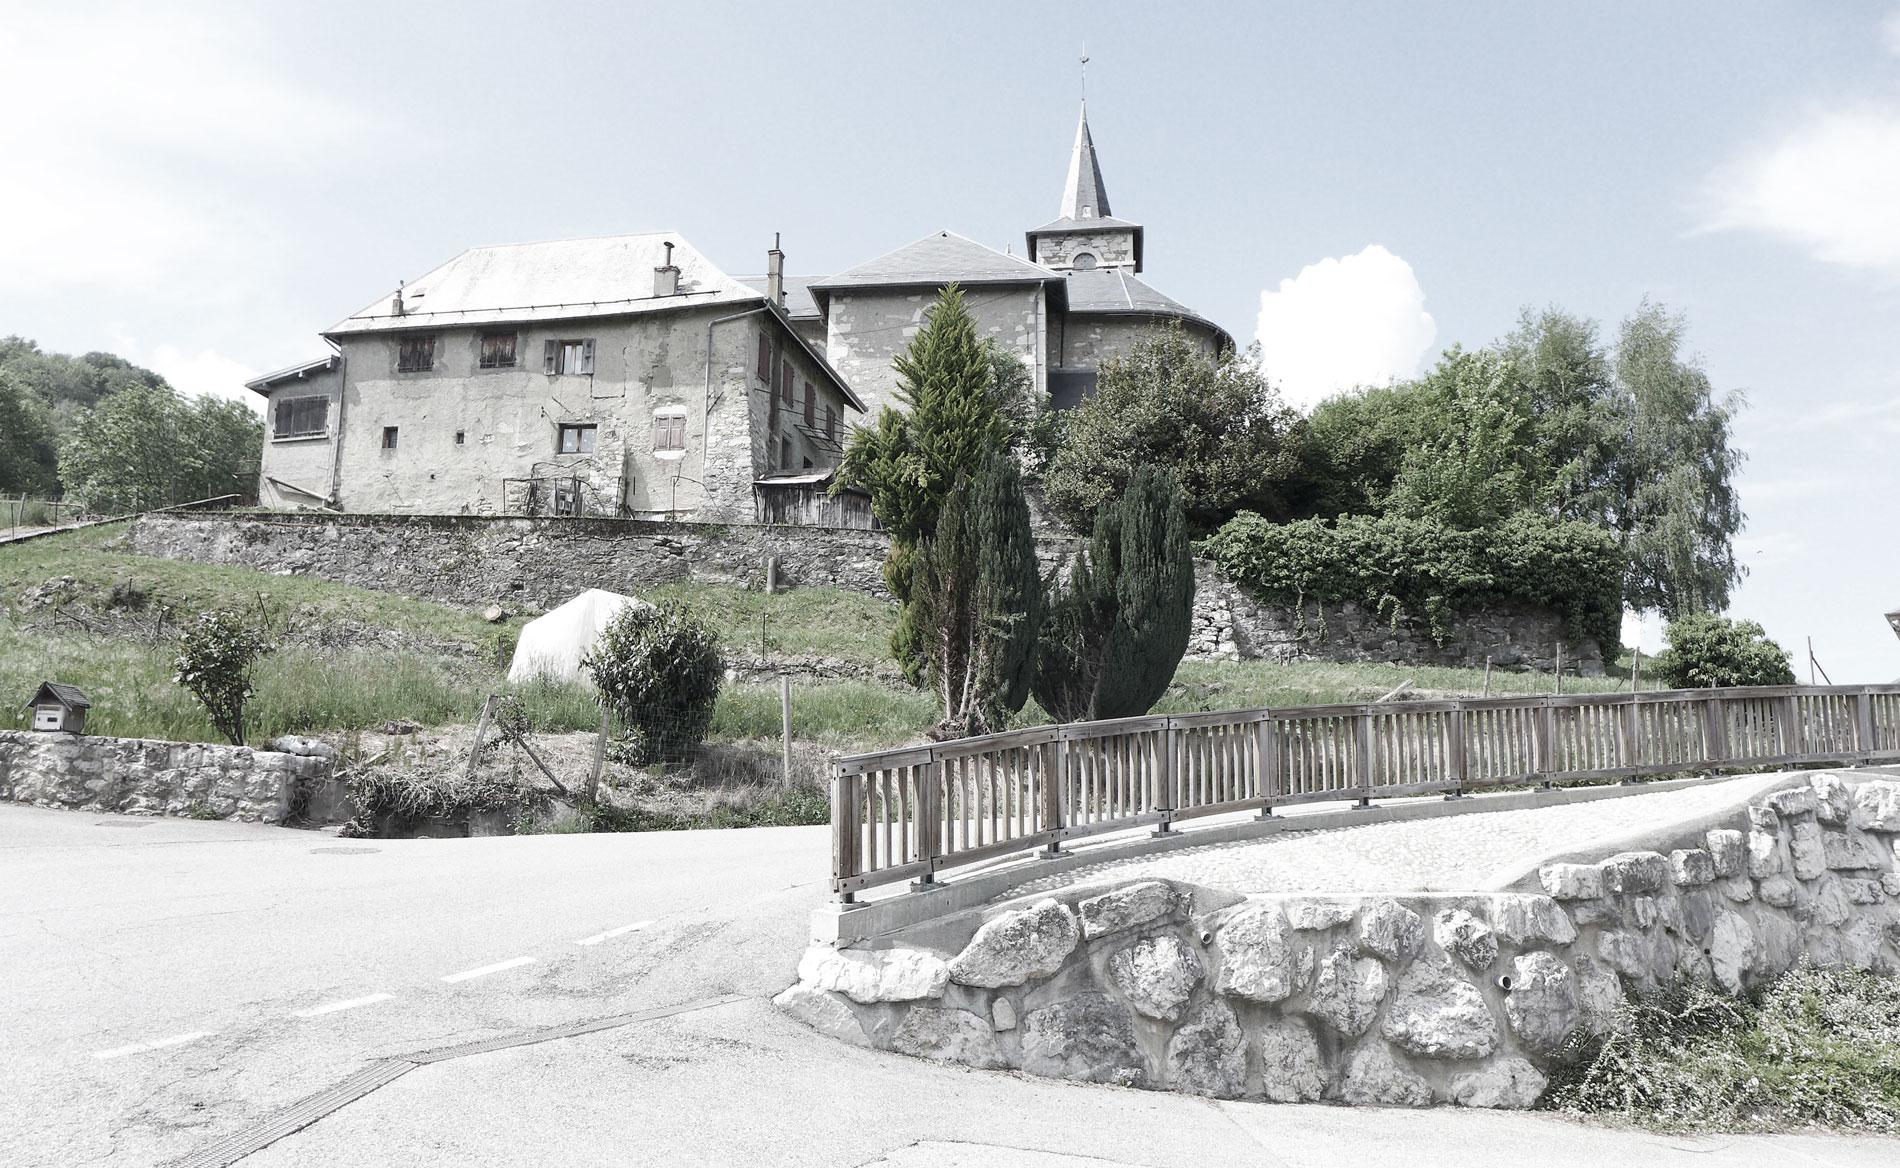 concours-saint-sulpice-savoie-logements-chef-lieu-habitat-dans-la-pente-site